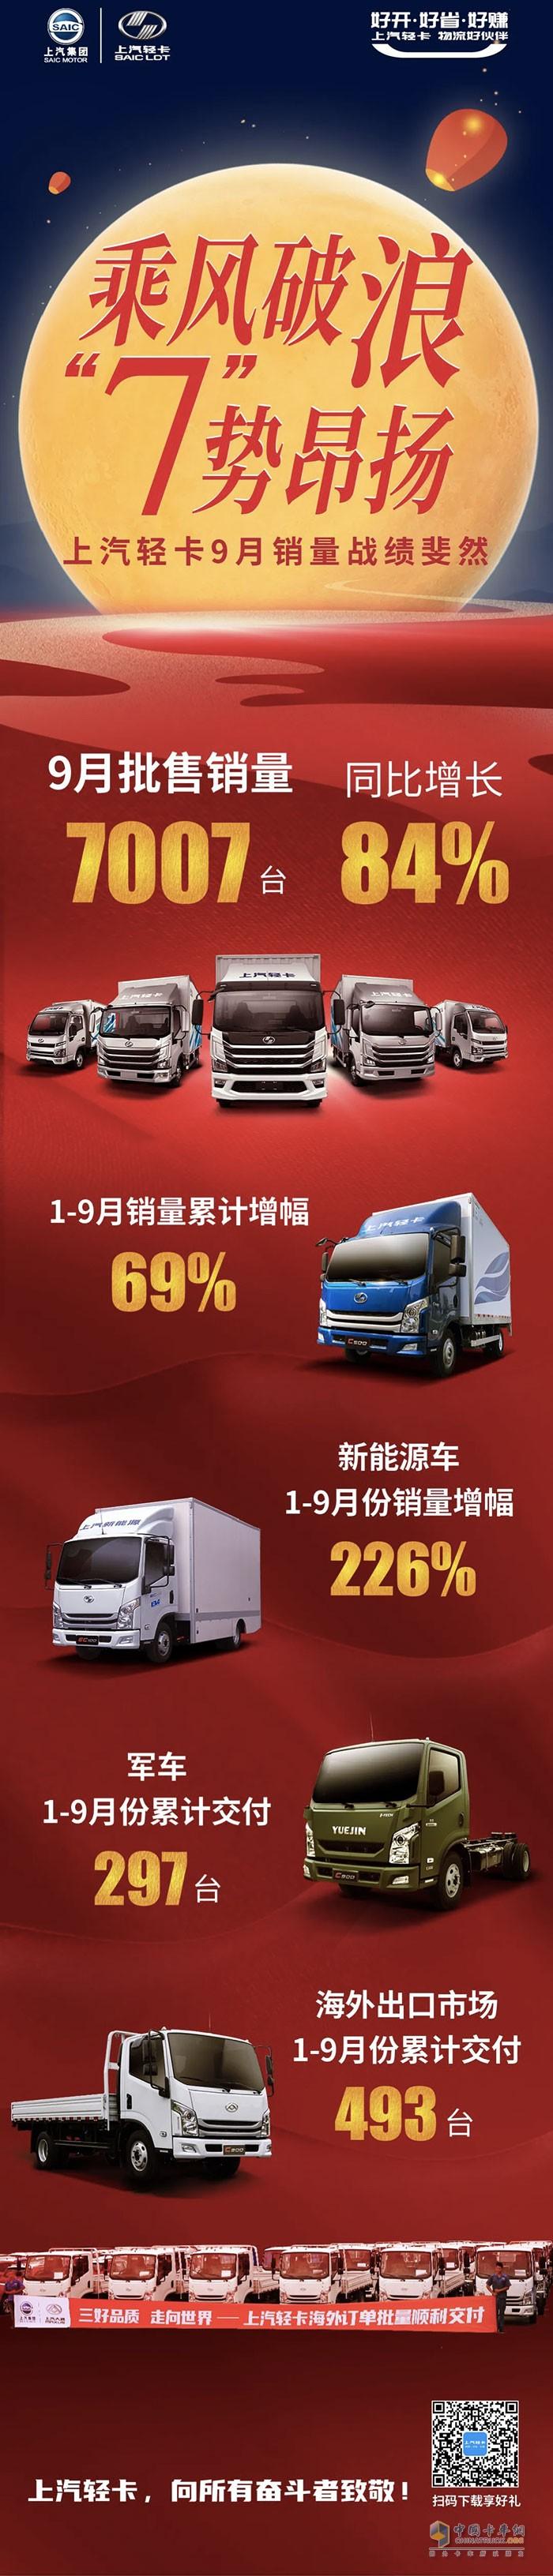 上汽轻卡发布2020年9月份销售战报,其中9月批售销量7007台,同比增长84%